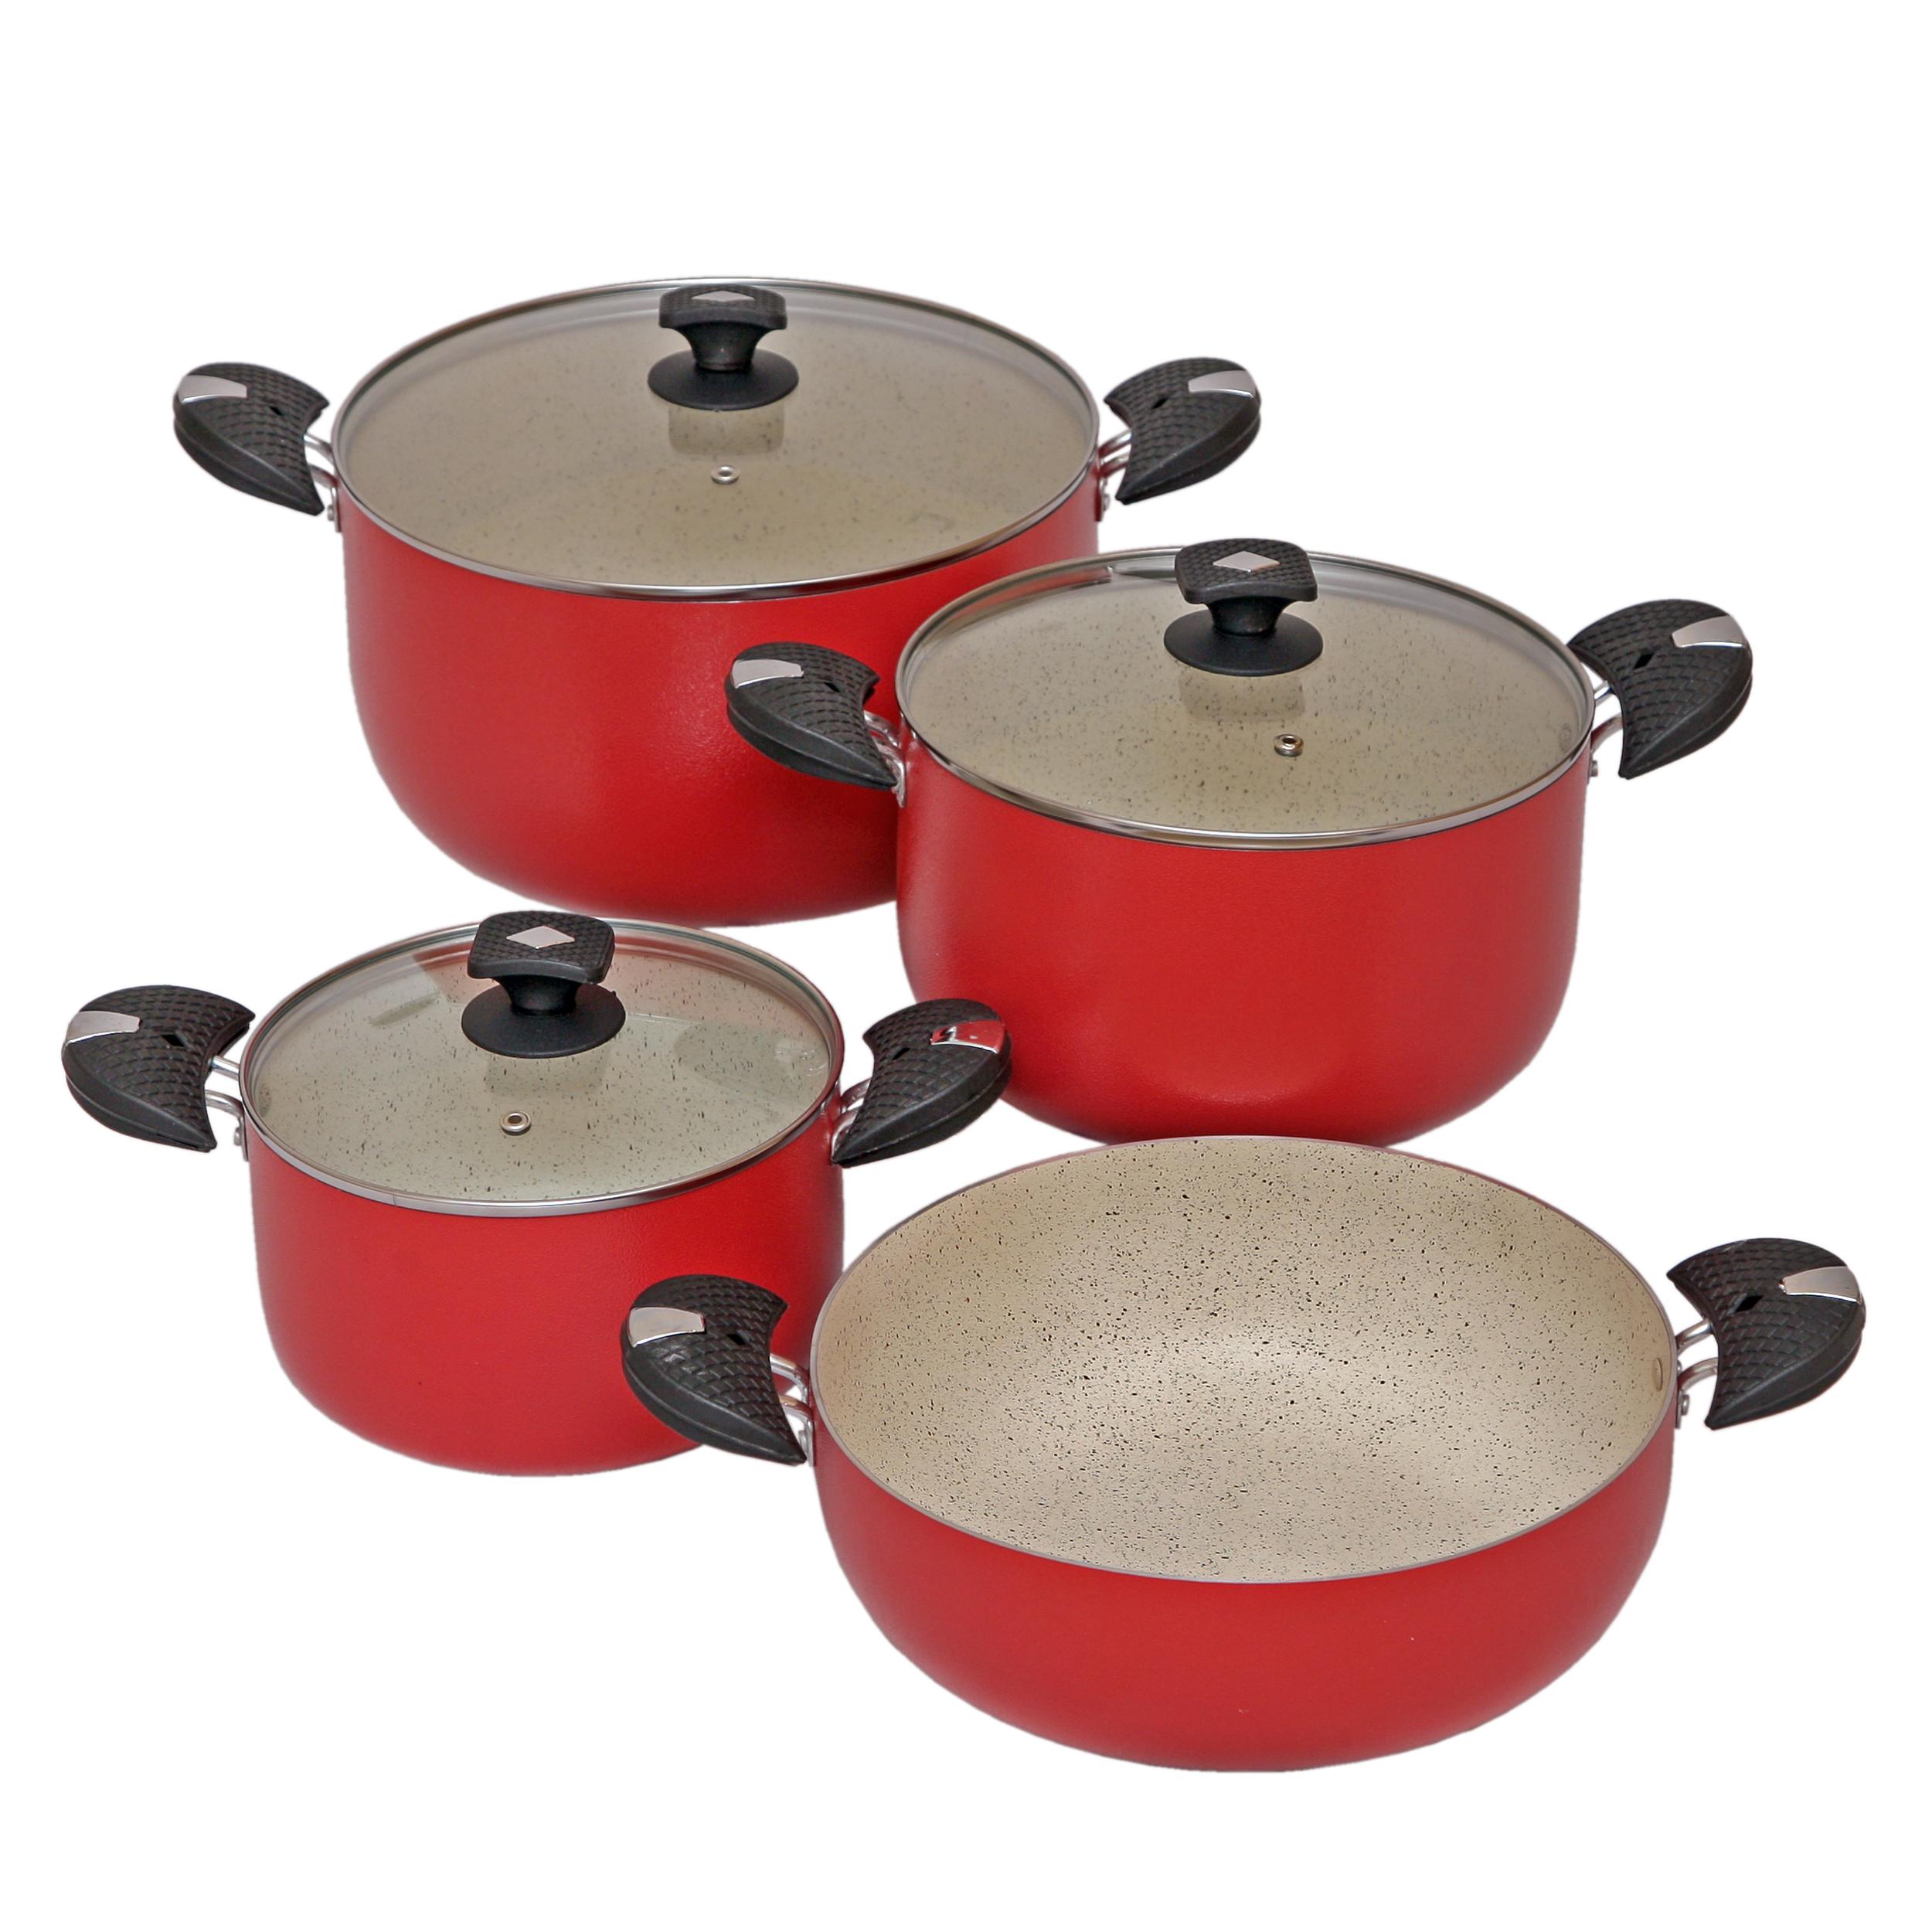 سرویس پخت و پز 7 پارچه اس کاپ مدل 22